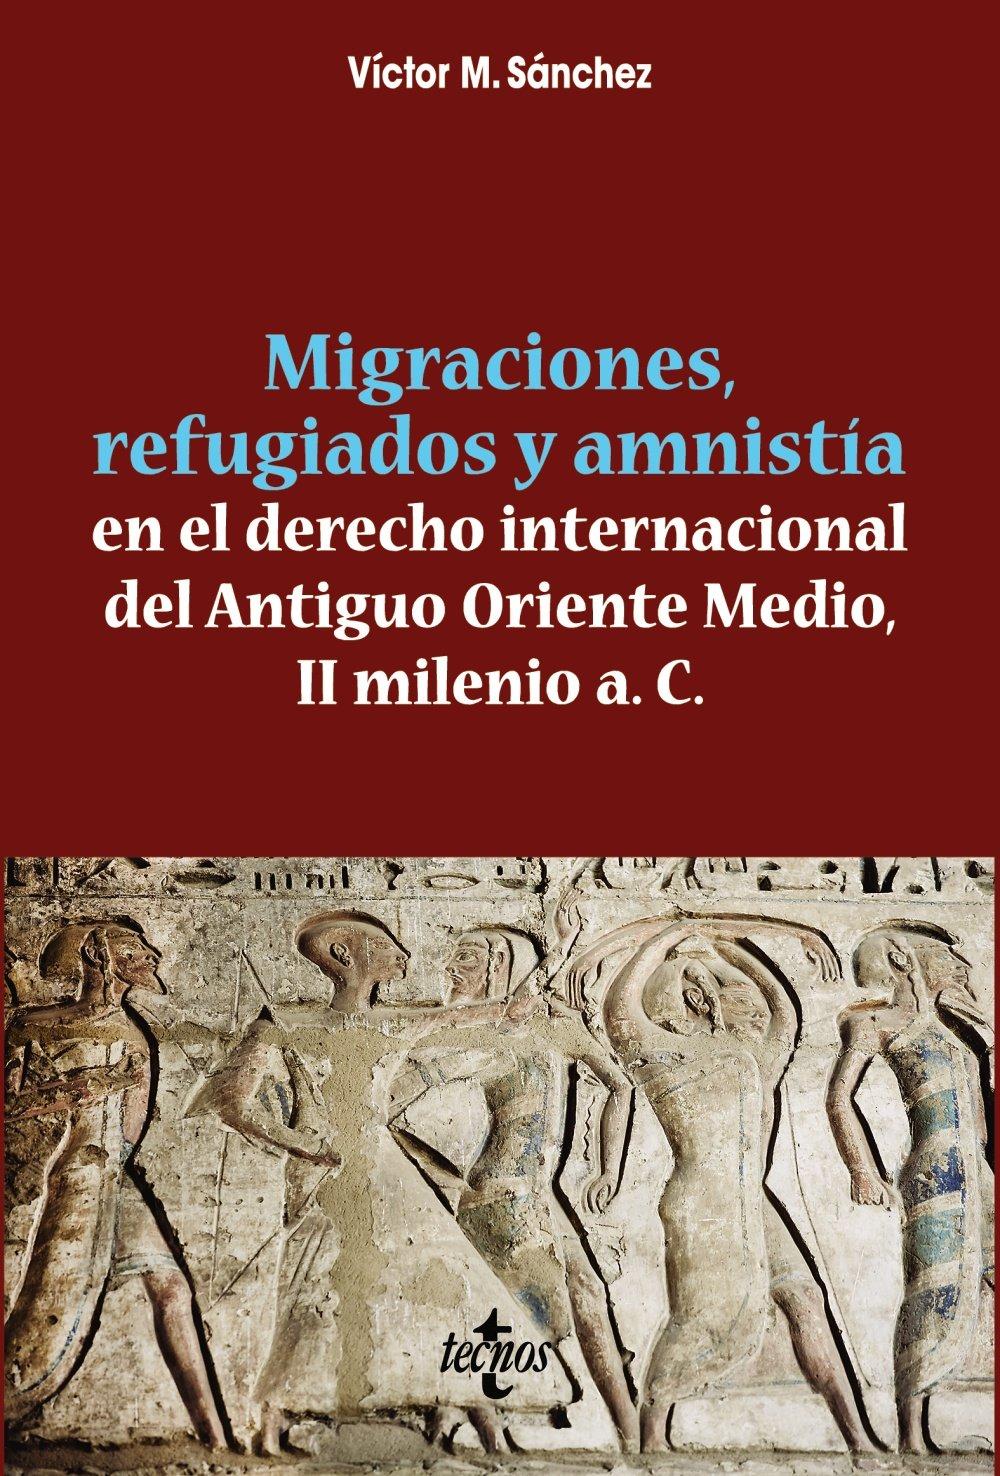 Migraciones, refugiados y amnistia en el derecho internacional del Antiguo Oriente Medio, II Milenio a. C. (Ventana Abierta) Tapa blanda – 29 sep 2016 Víctor M. Sánchez Tecnos 8430968520 JFFD